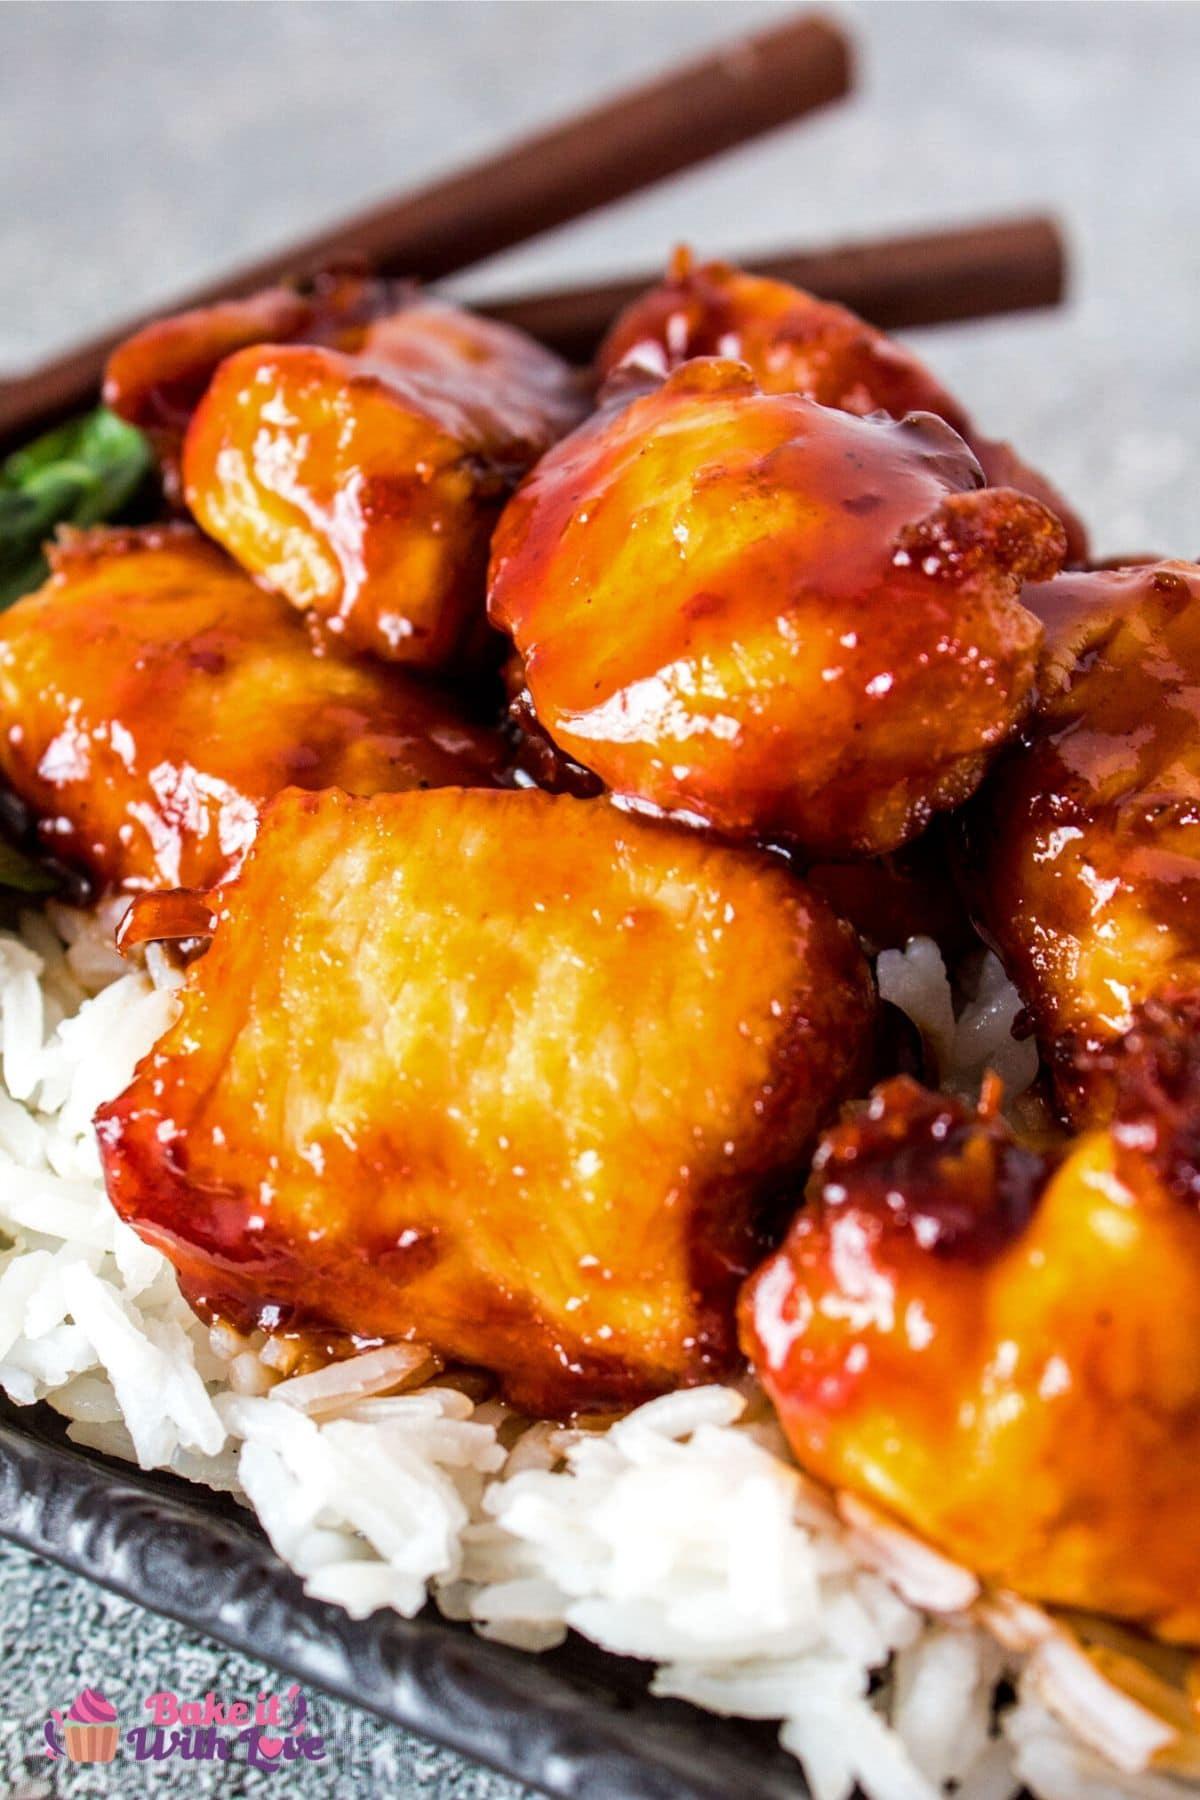 Высокий крупный план курицы генерала цо, подаваемой с рисом.